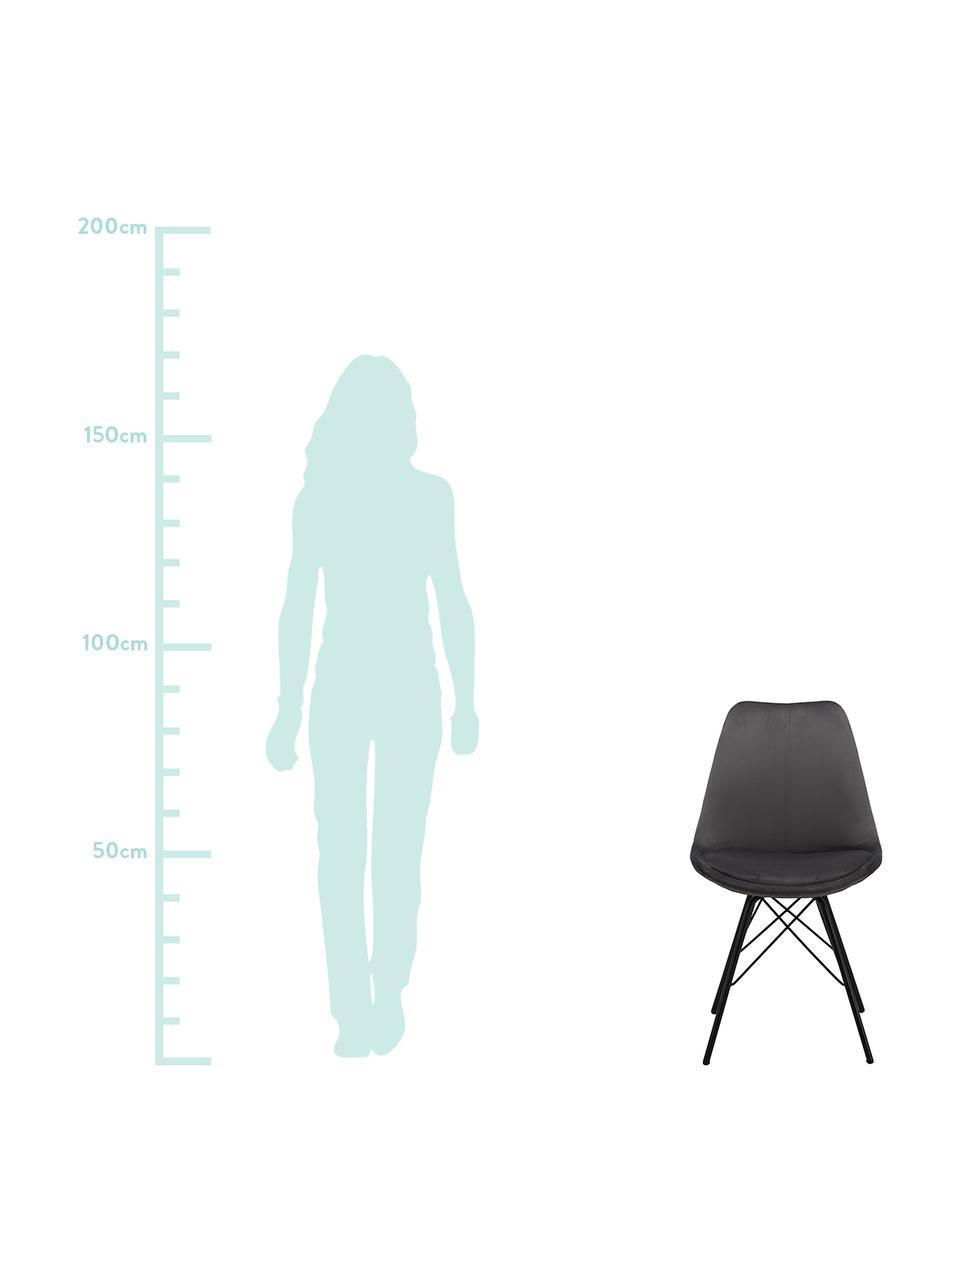 Krzesło tapicerowane z aksamitu Eris, 2 szt., Tapicerka: aksamit poliestrowy 2500, Nogi: metal malowany proszkowo, Aksamitny ciemny szary, czarny, S 49 x G 54 cm